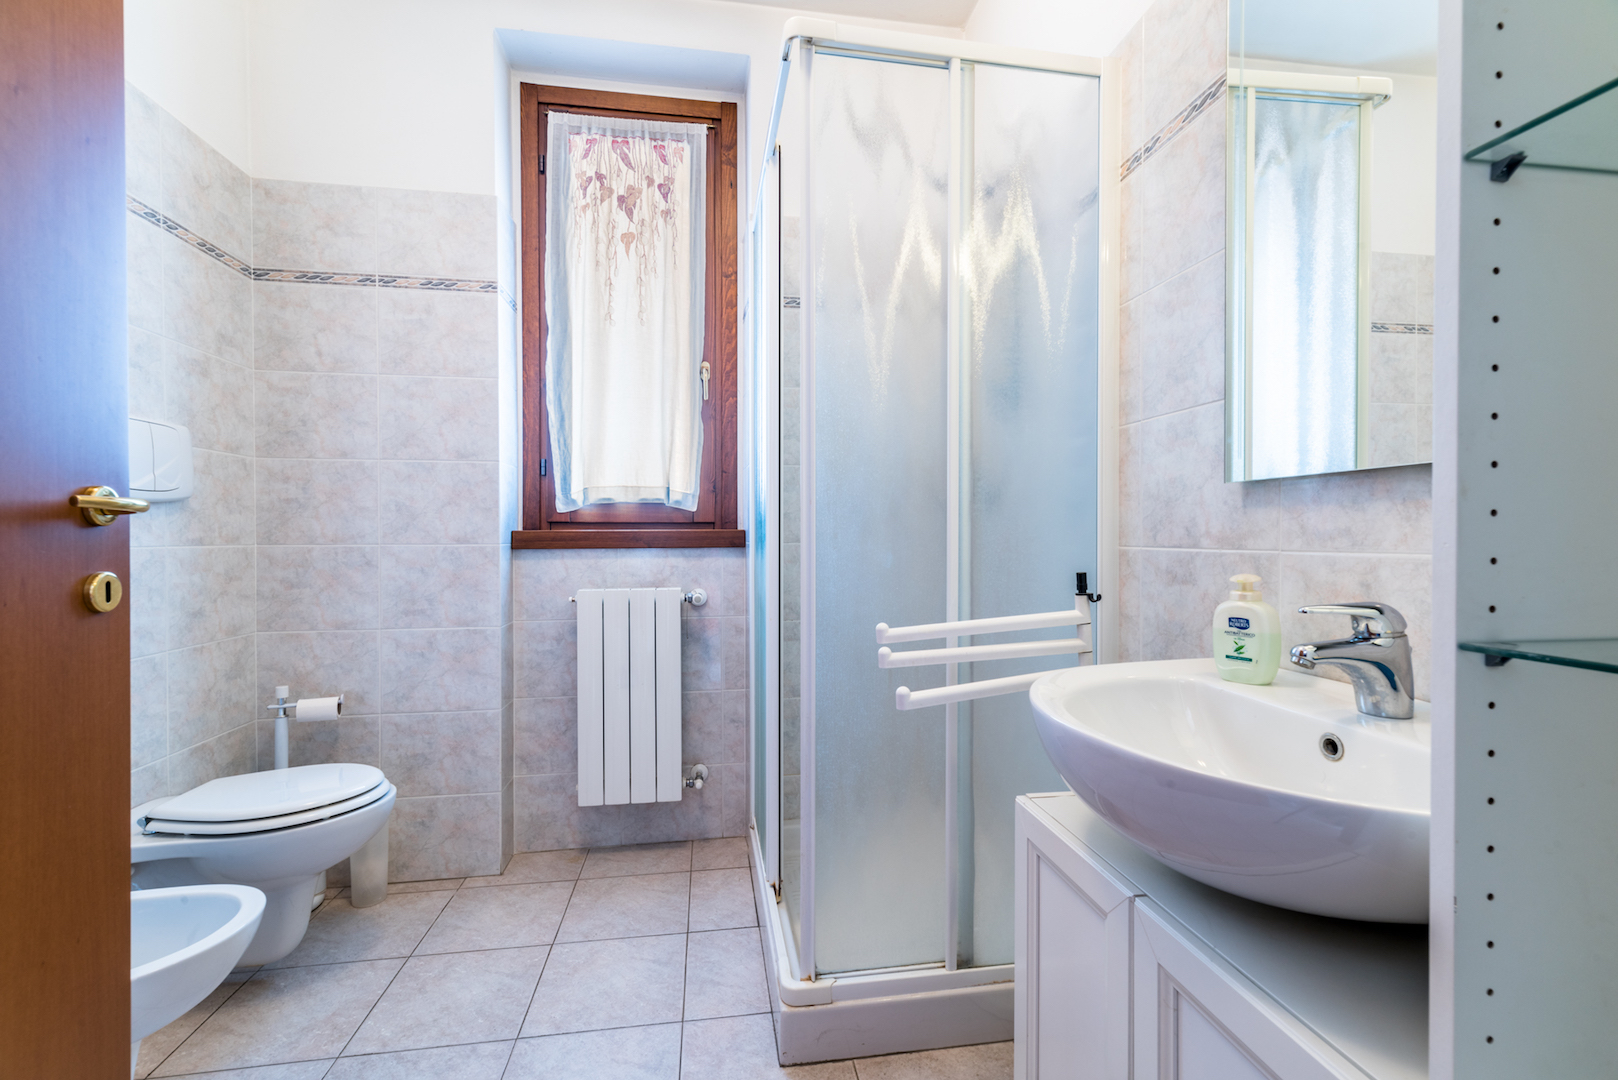 Bilocale in vendita pedrengo come nuovo con box e terrazzo for Finestra bagno